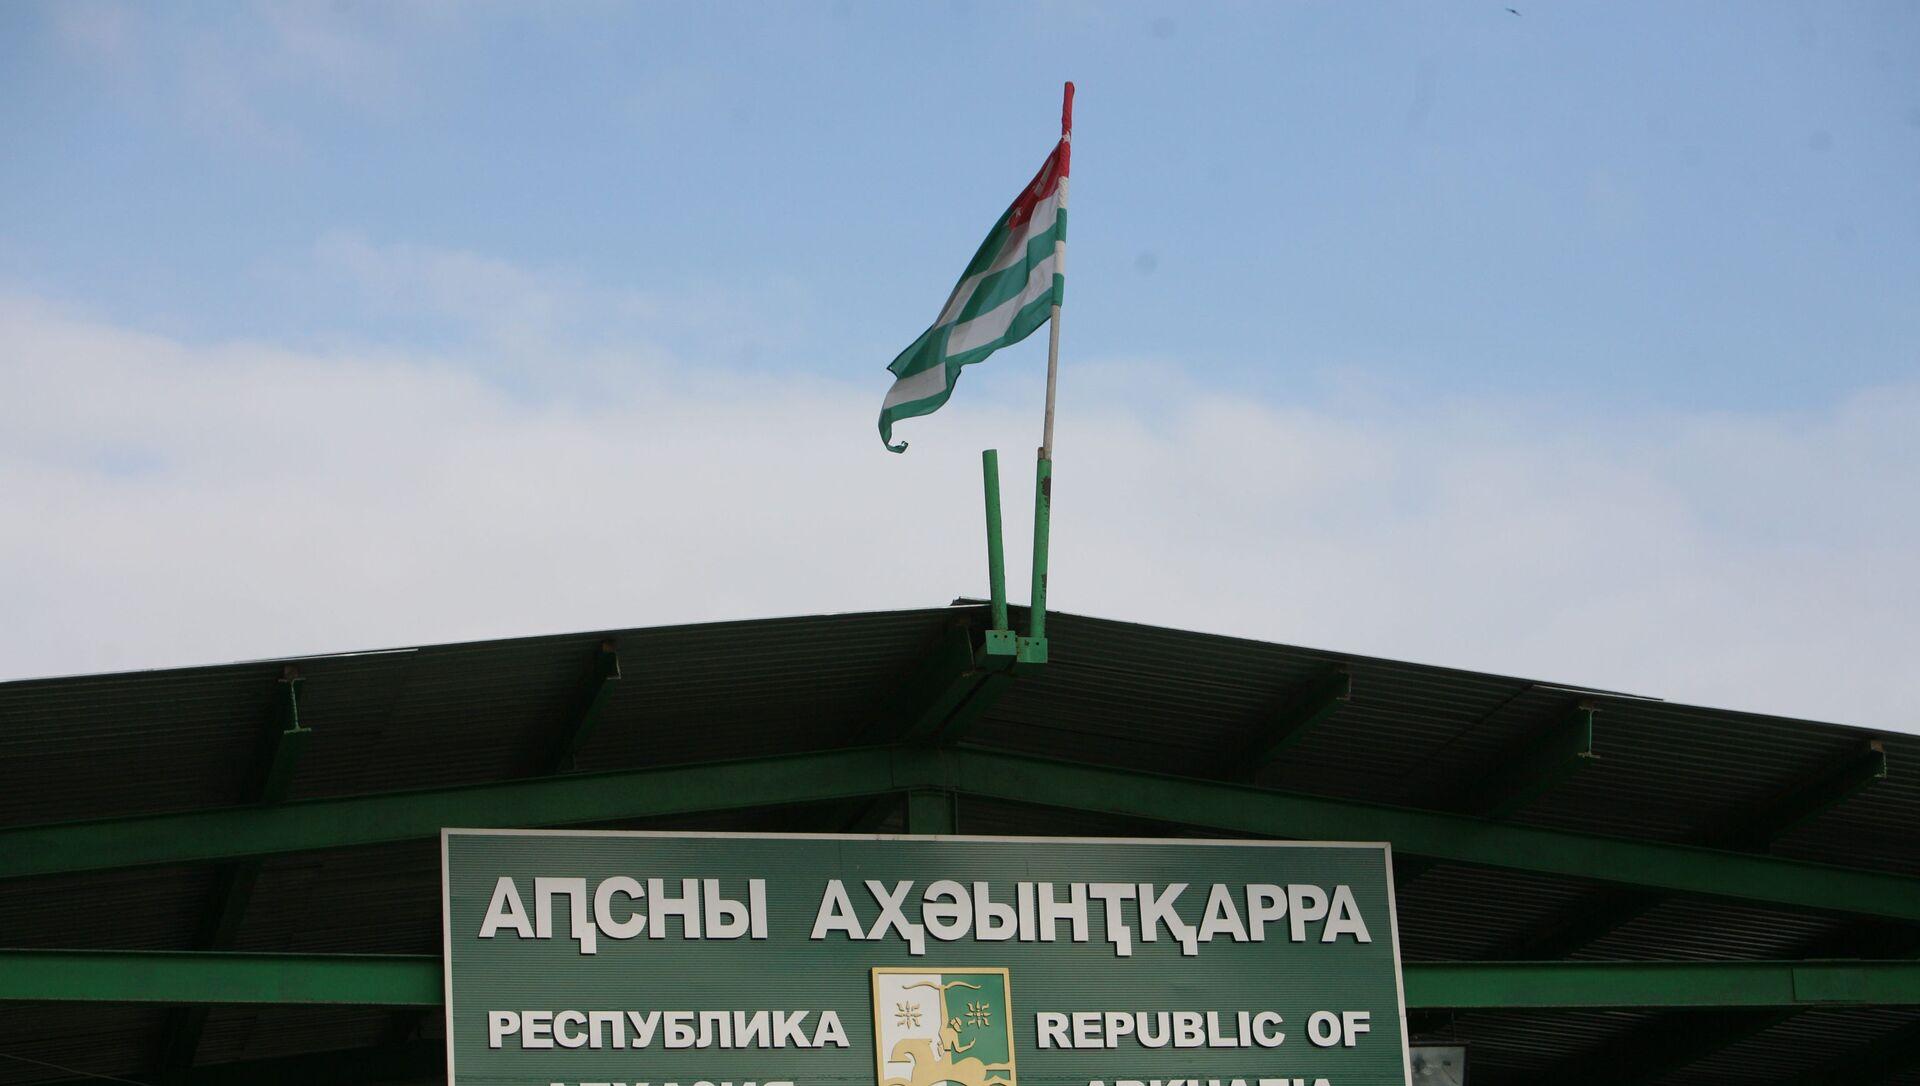 Пограничный пост Псоу на въезде в Республику Абхазия. - Sputnik Аҧсны, 1920, 07.09.2021